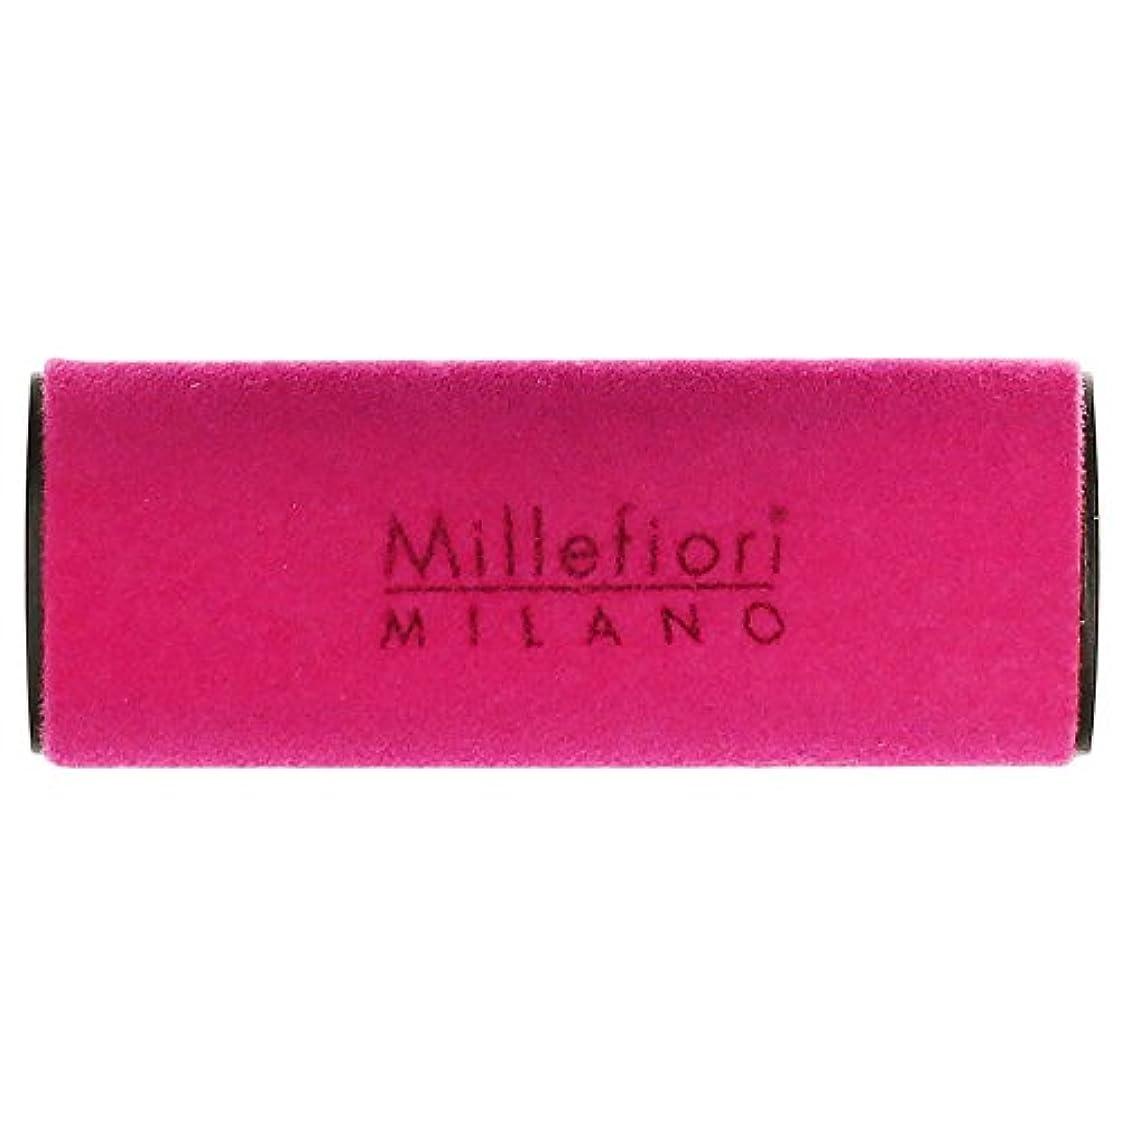 冷蔵庫支援するモードリンMillefiori MILANO ミッレフィオーリ カーエアフレッシュナー VELLUTO ヴェルート (グリーンティー) 1個